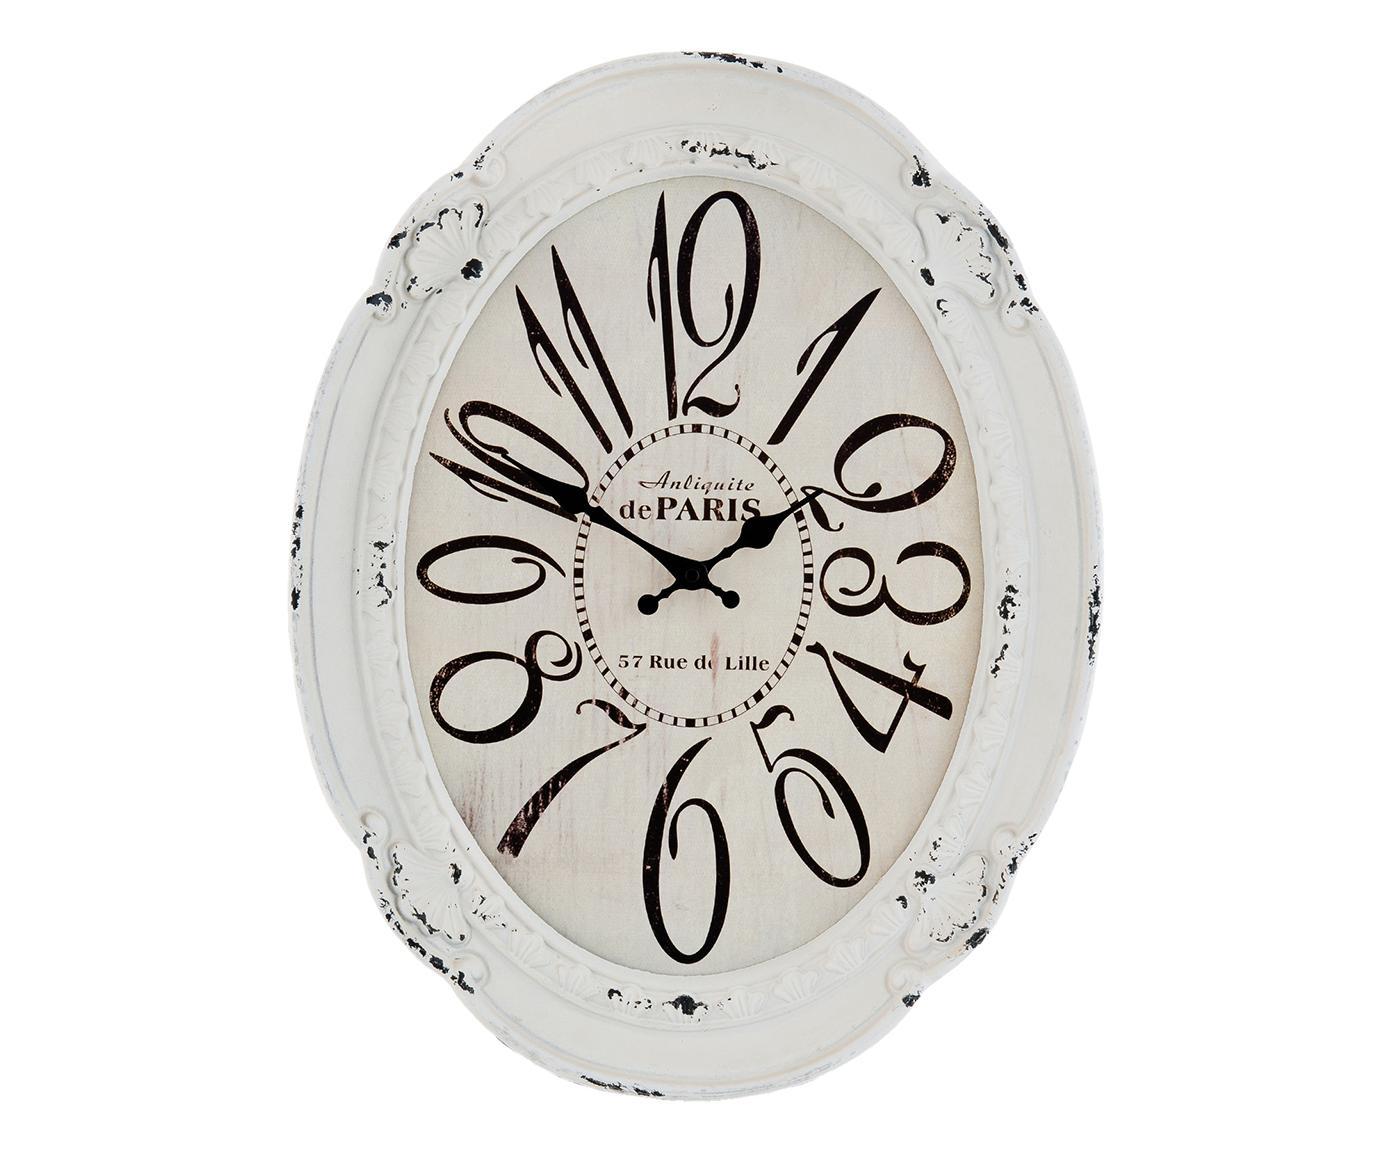 Orologio da parete in poliuretano bianco